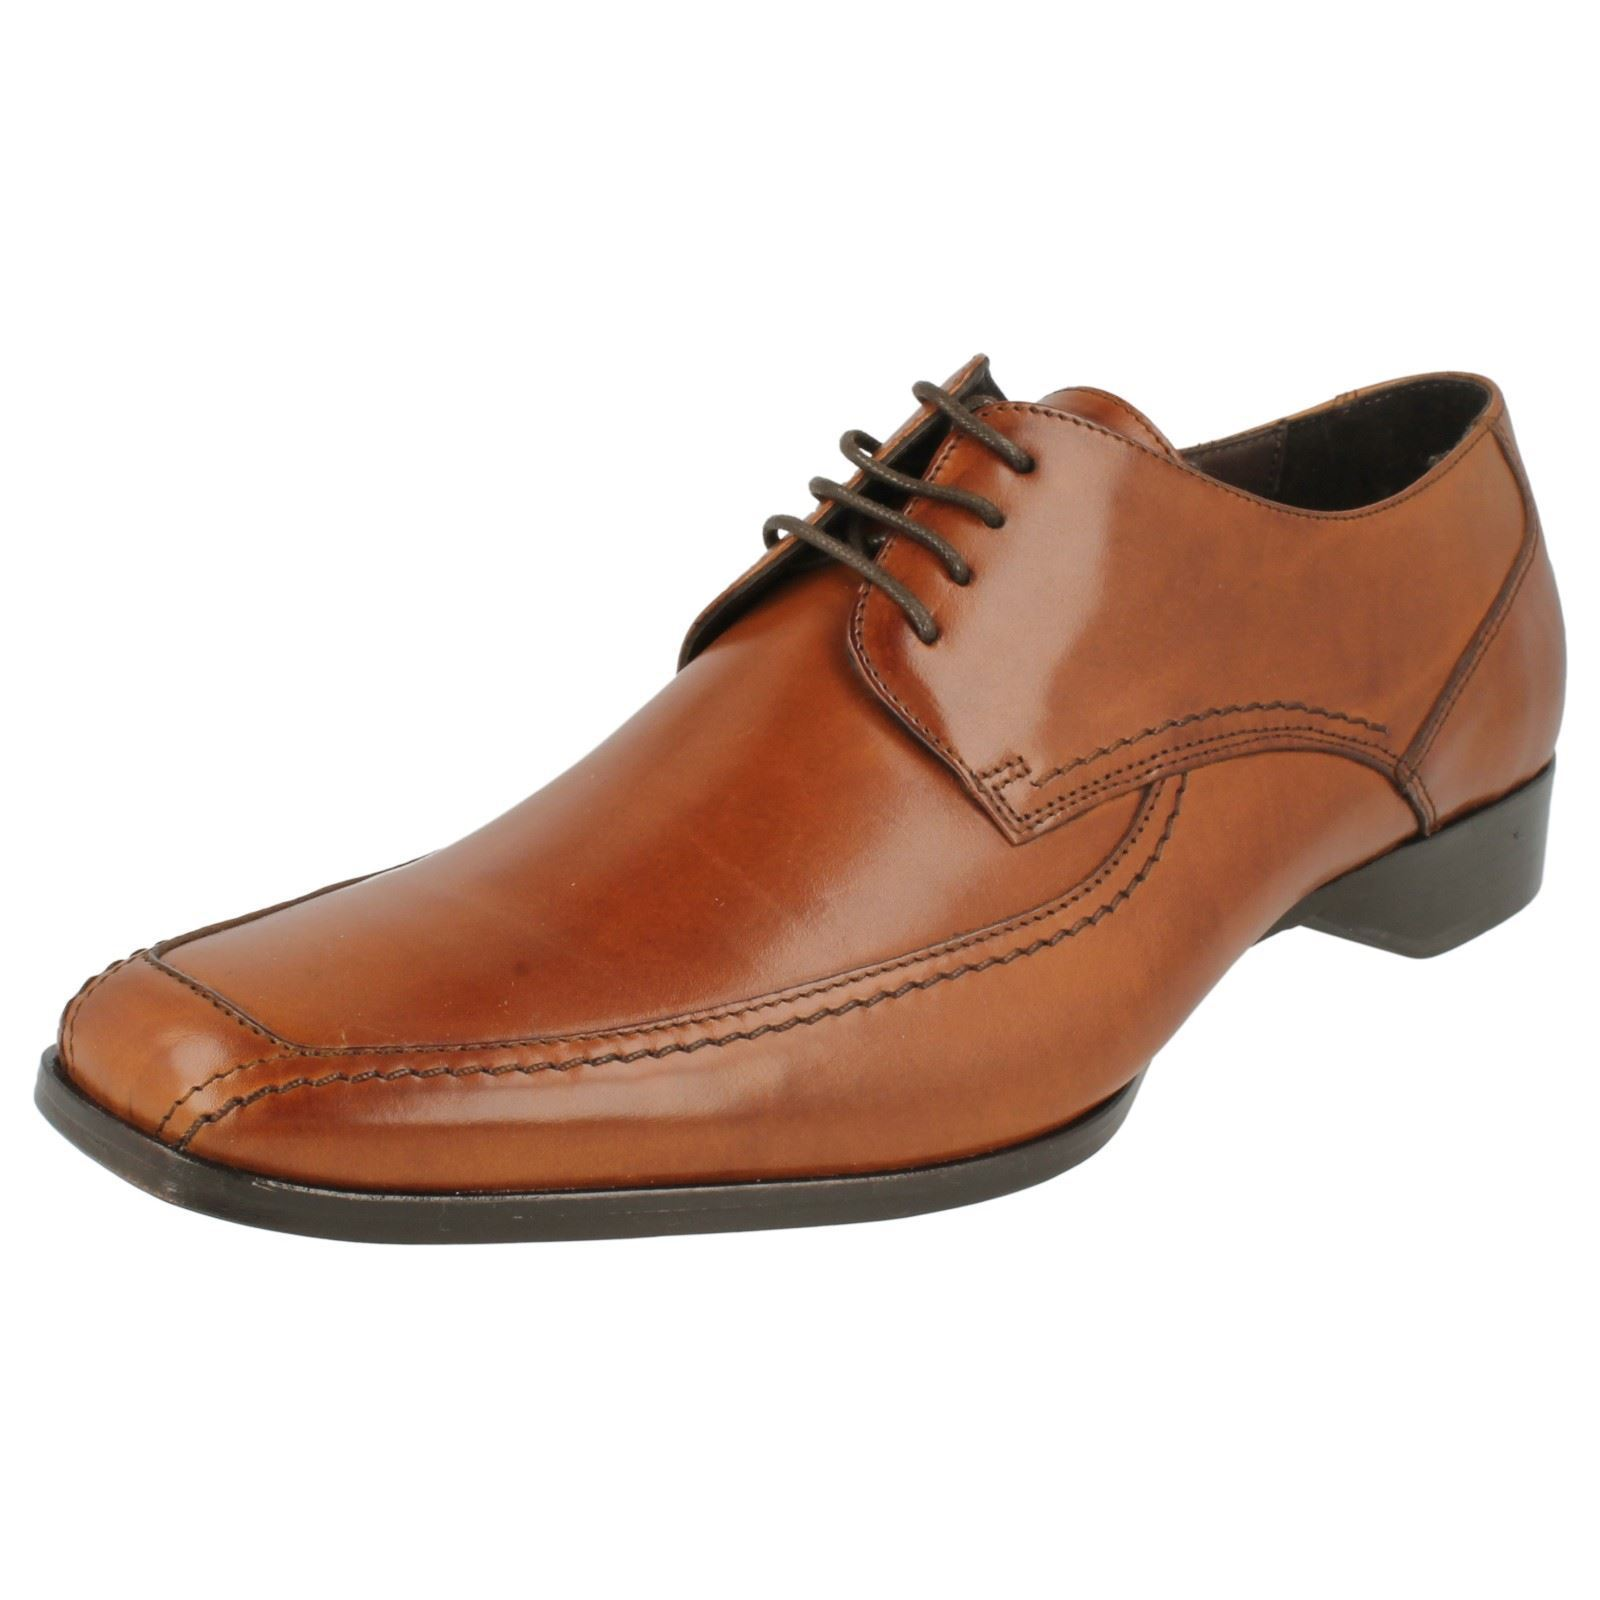 Loake Cuero con Cordones para Hombre de Diseñador Zapatos' 1369 T'